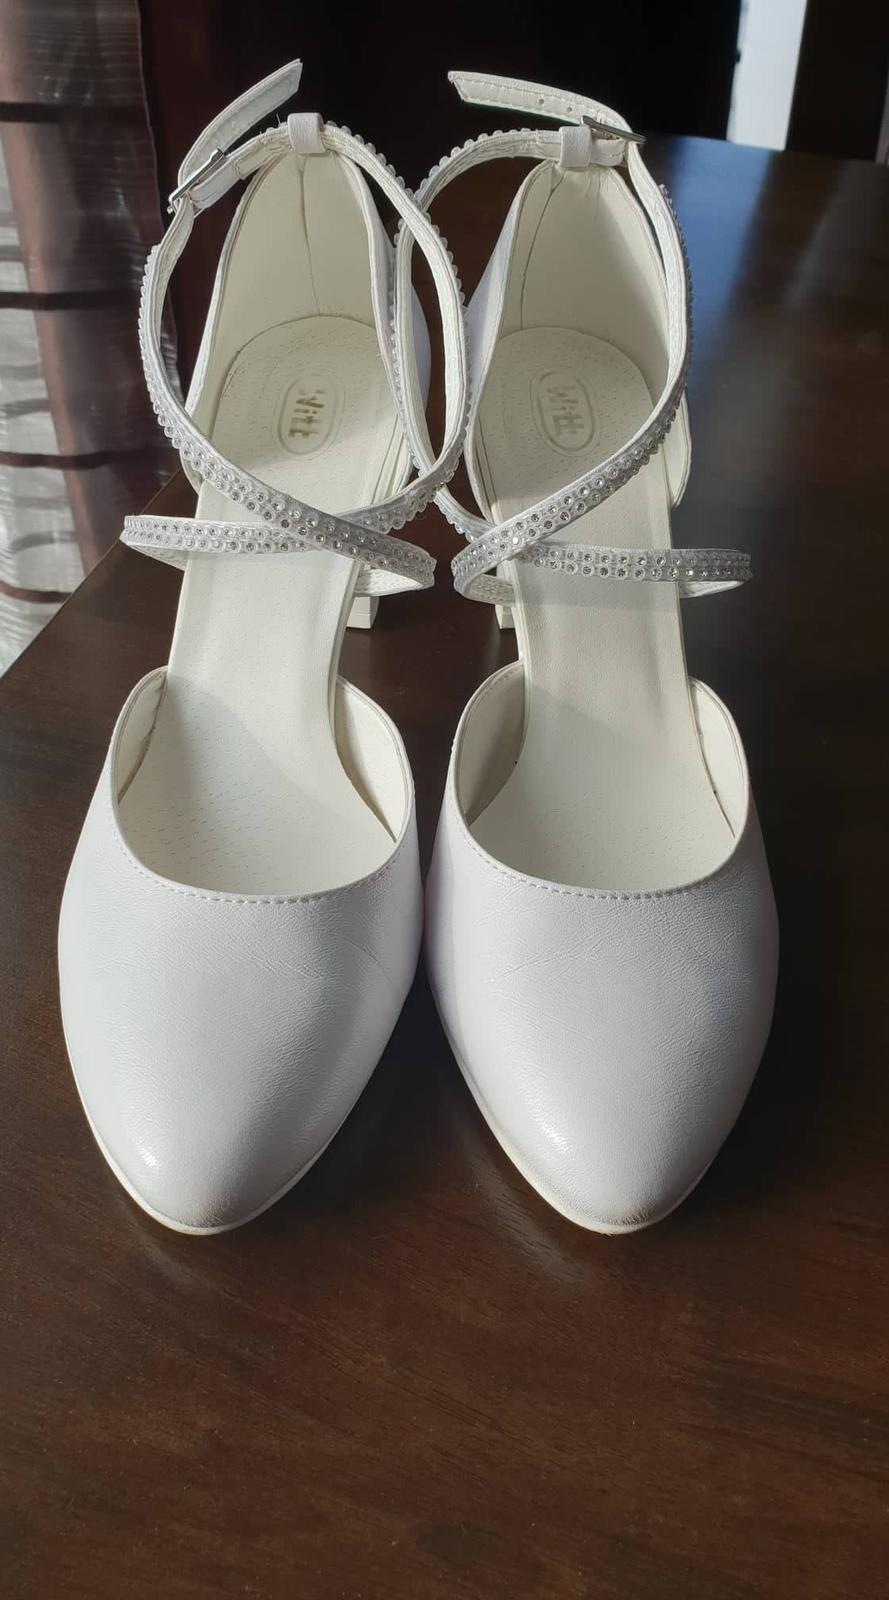 Biele svadobné kožené lodičky veľ. 41 - Obrázok č. 1